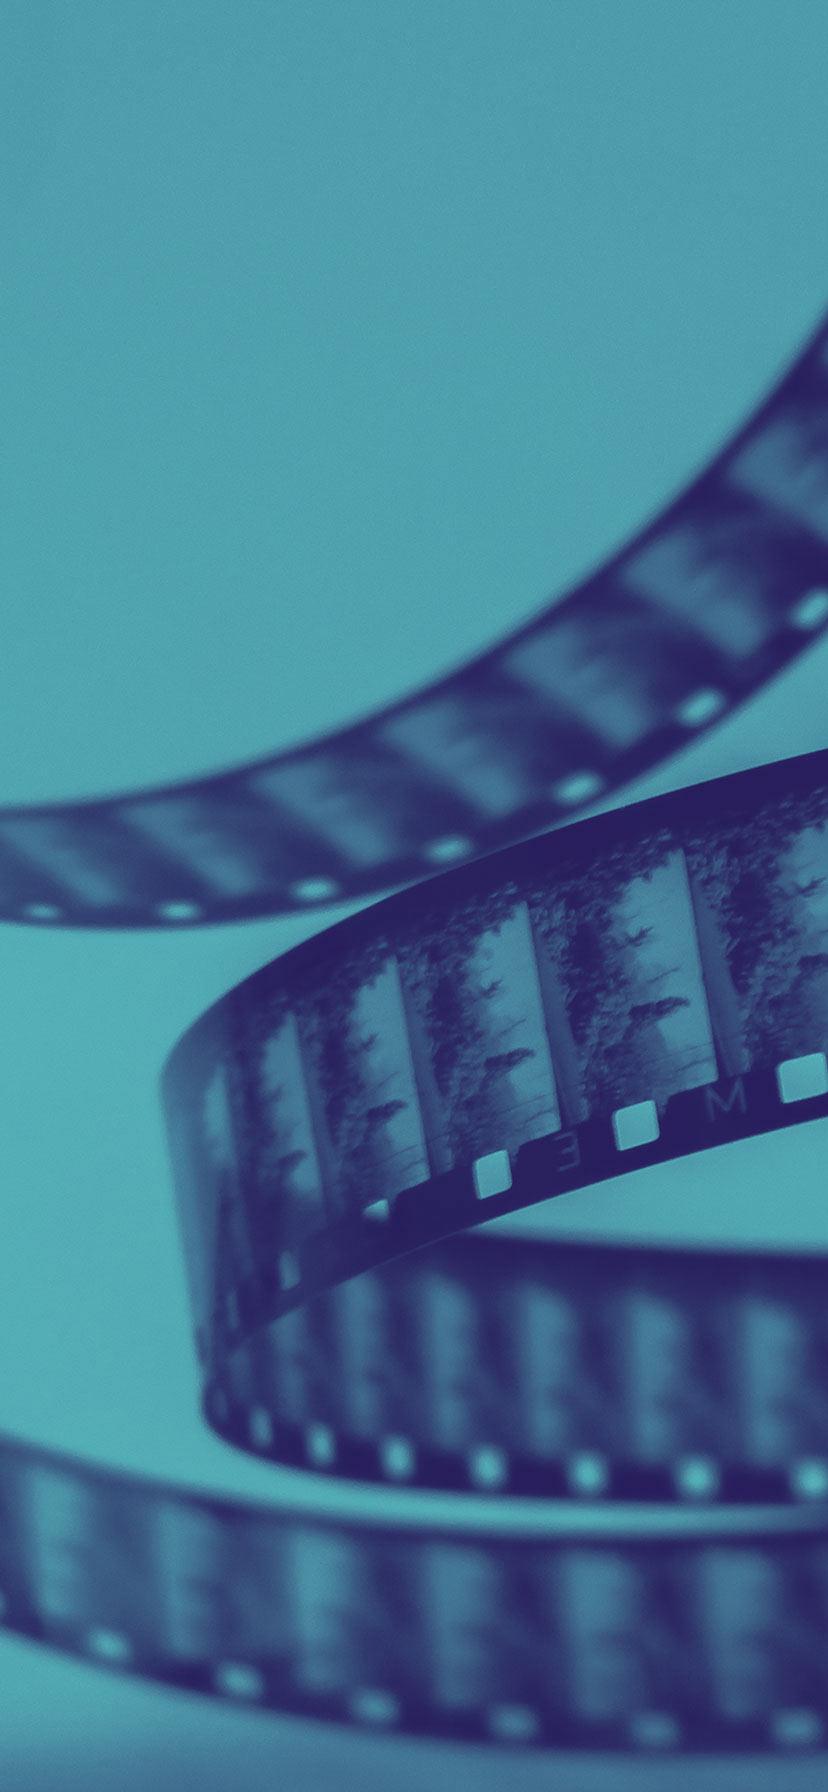 Die Agentur Reingold ist die versierte Werbeagentur für anspruchsvolle Filmproduktionen.